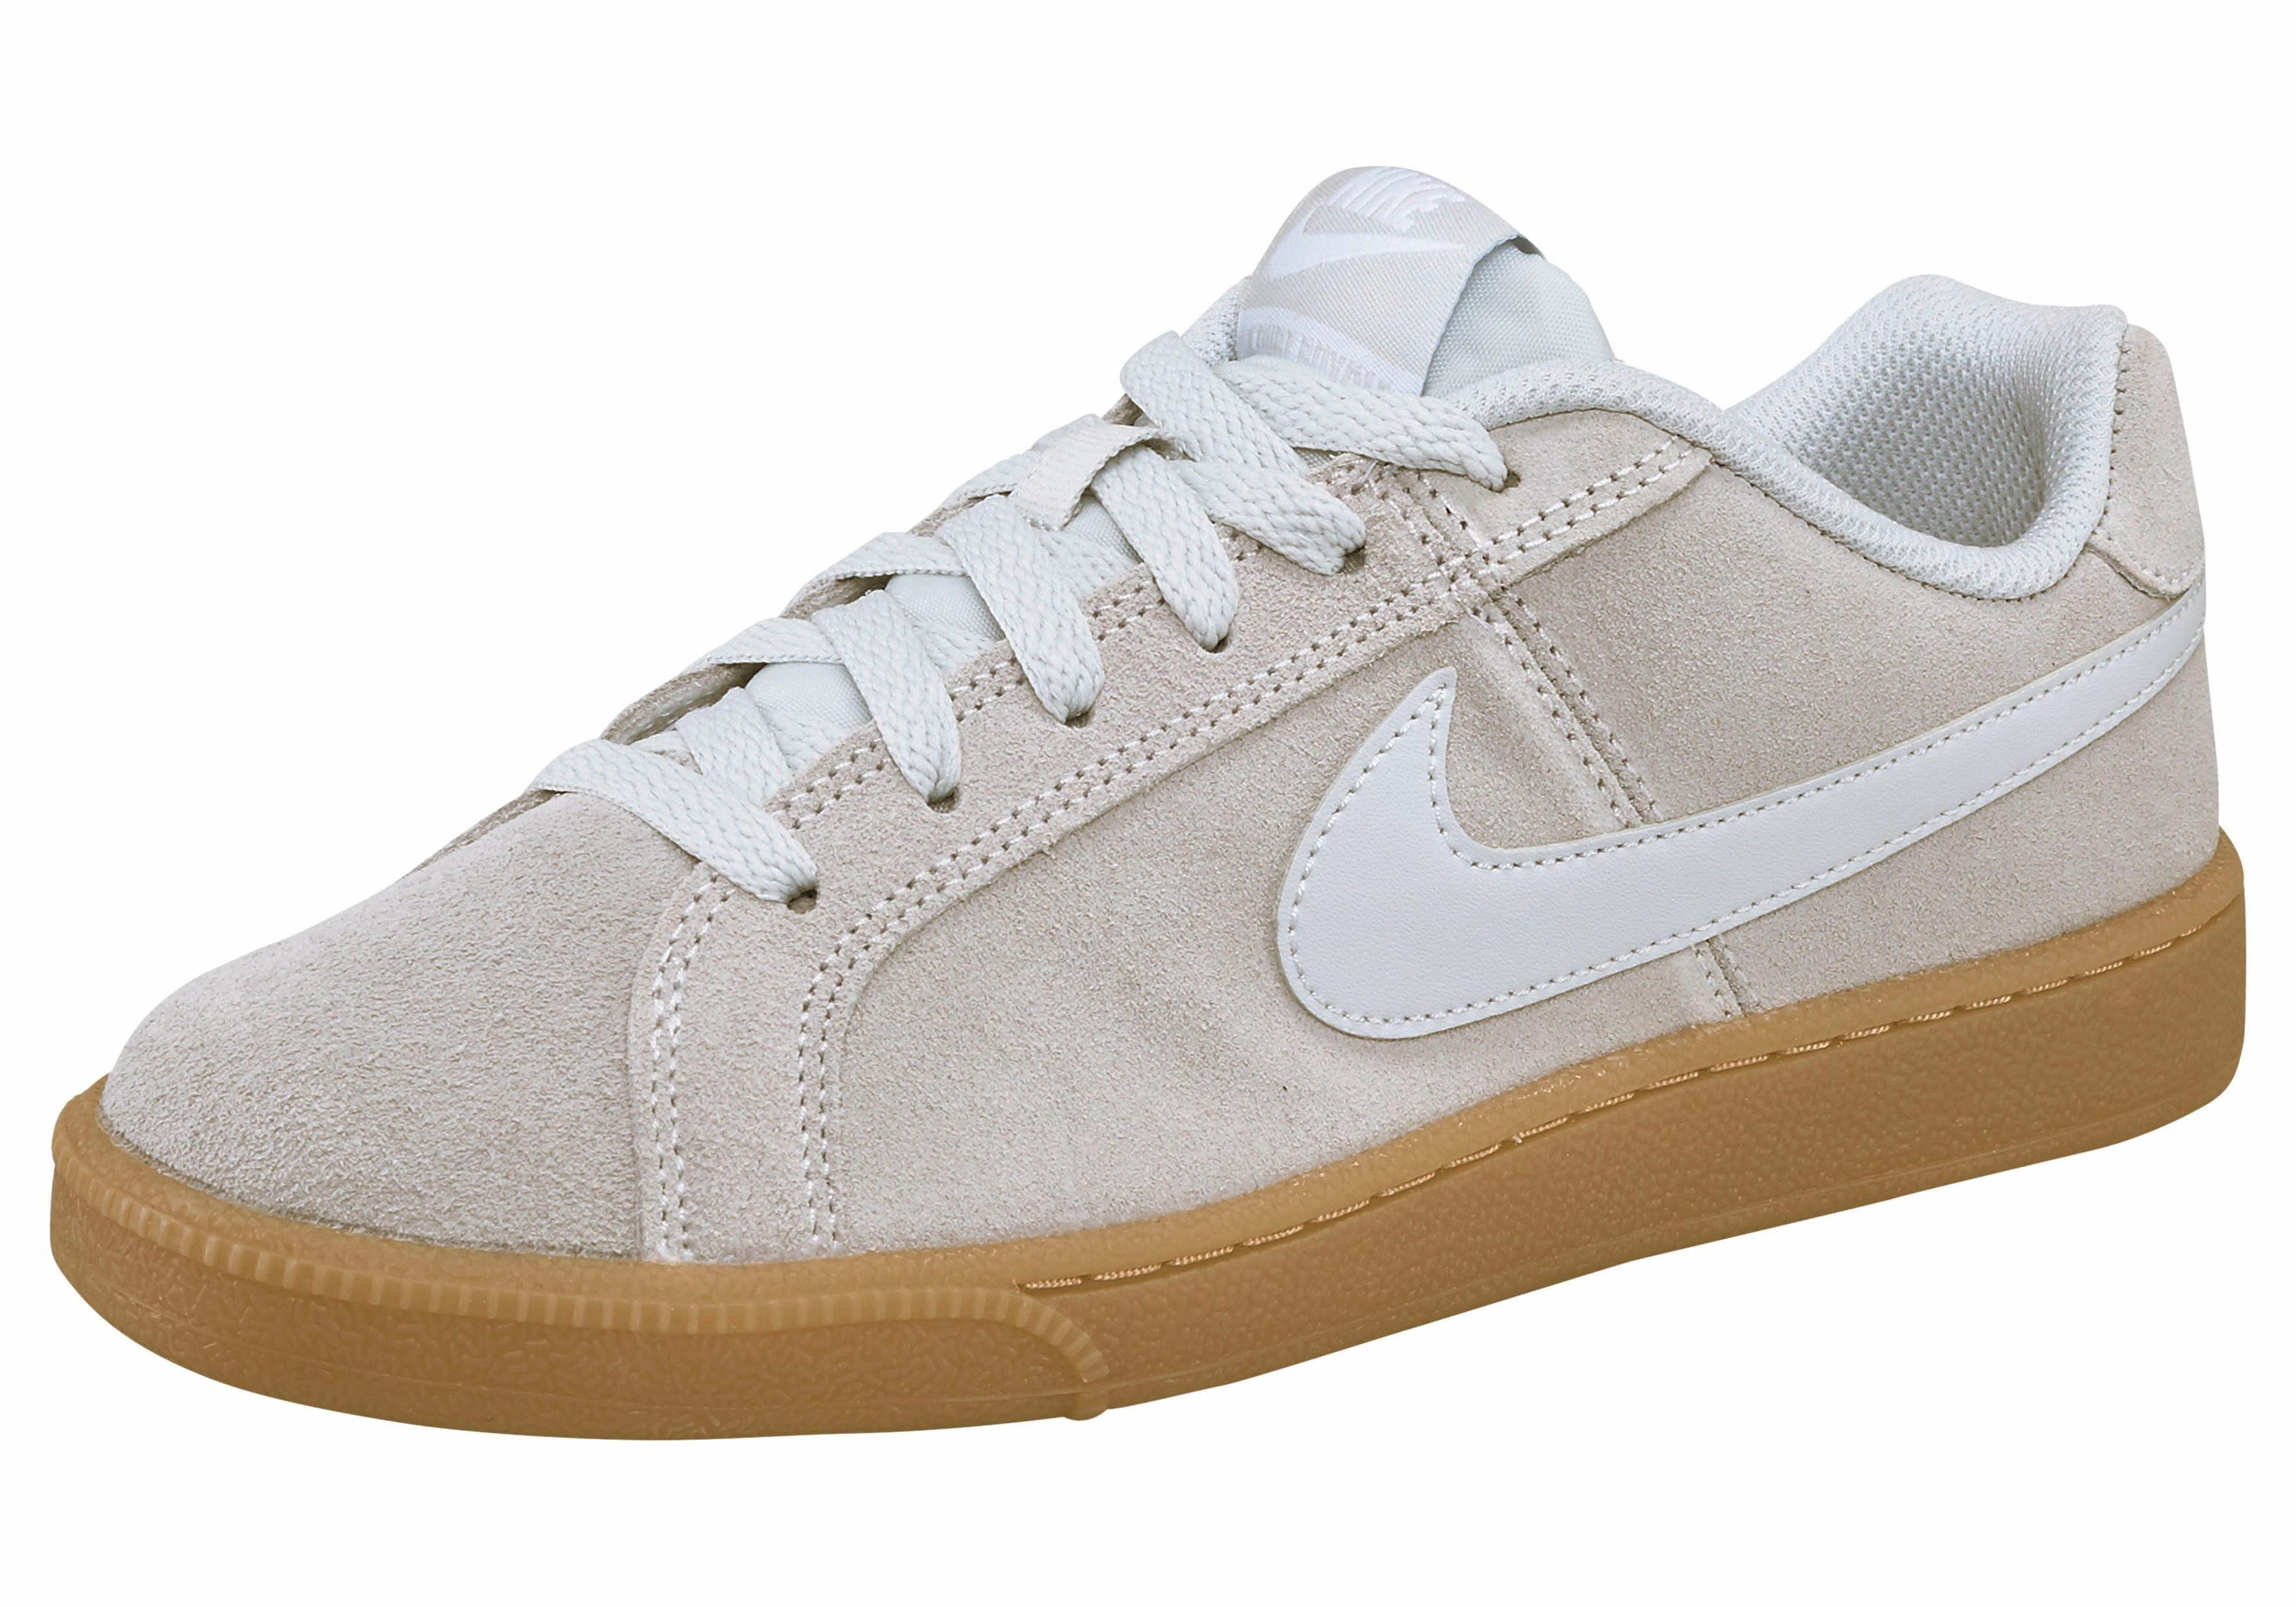 Nike Sportswear »Wmns Court Royale Suede« Sneaker, Weiches Obermaterial aus Veloursleder online kaufen | OTTO